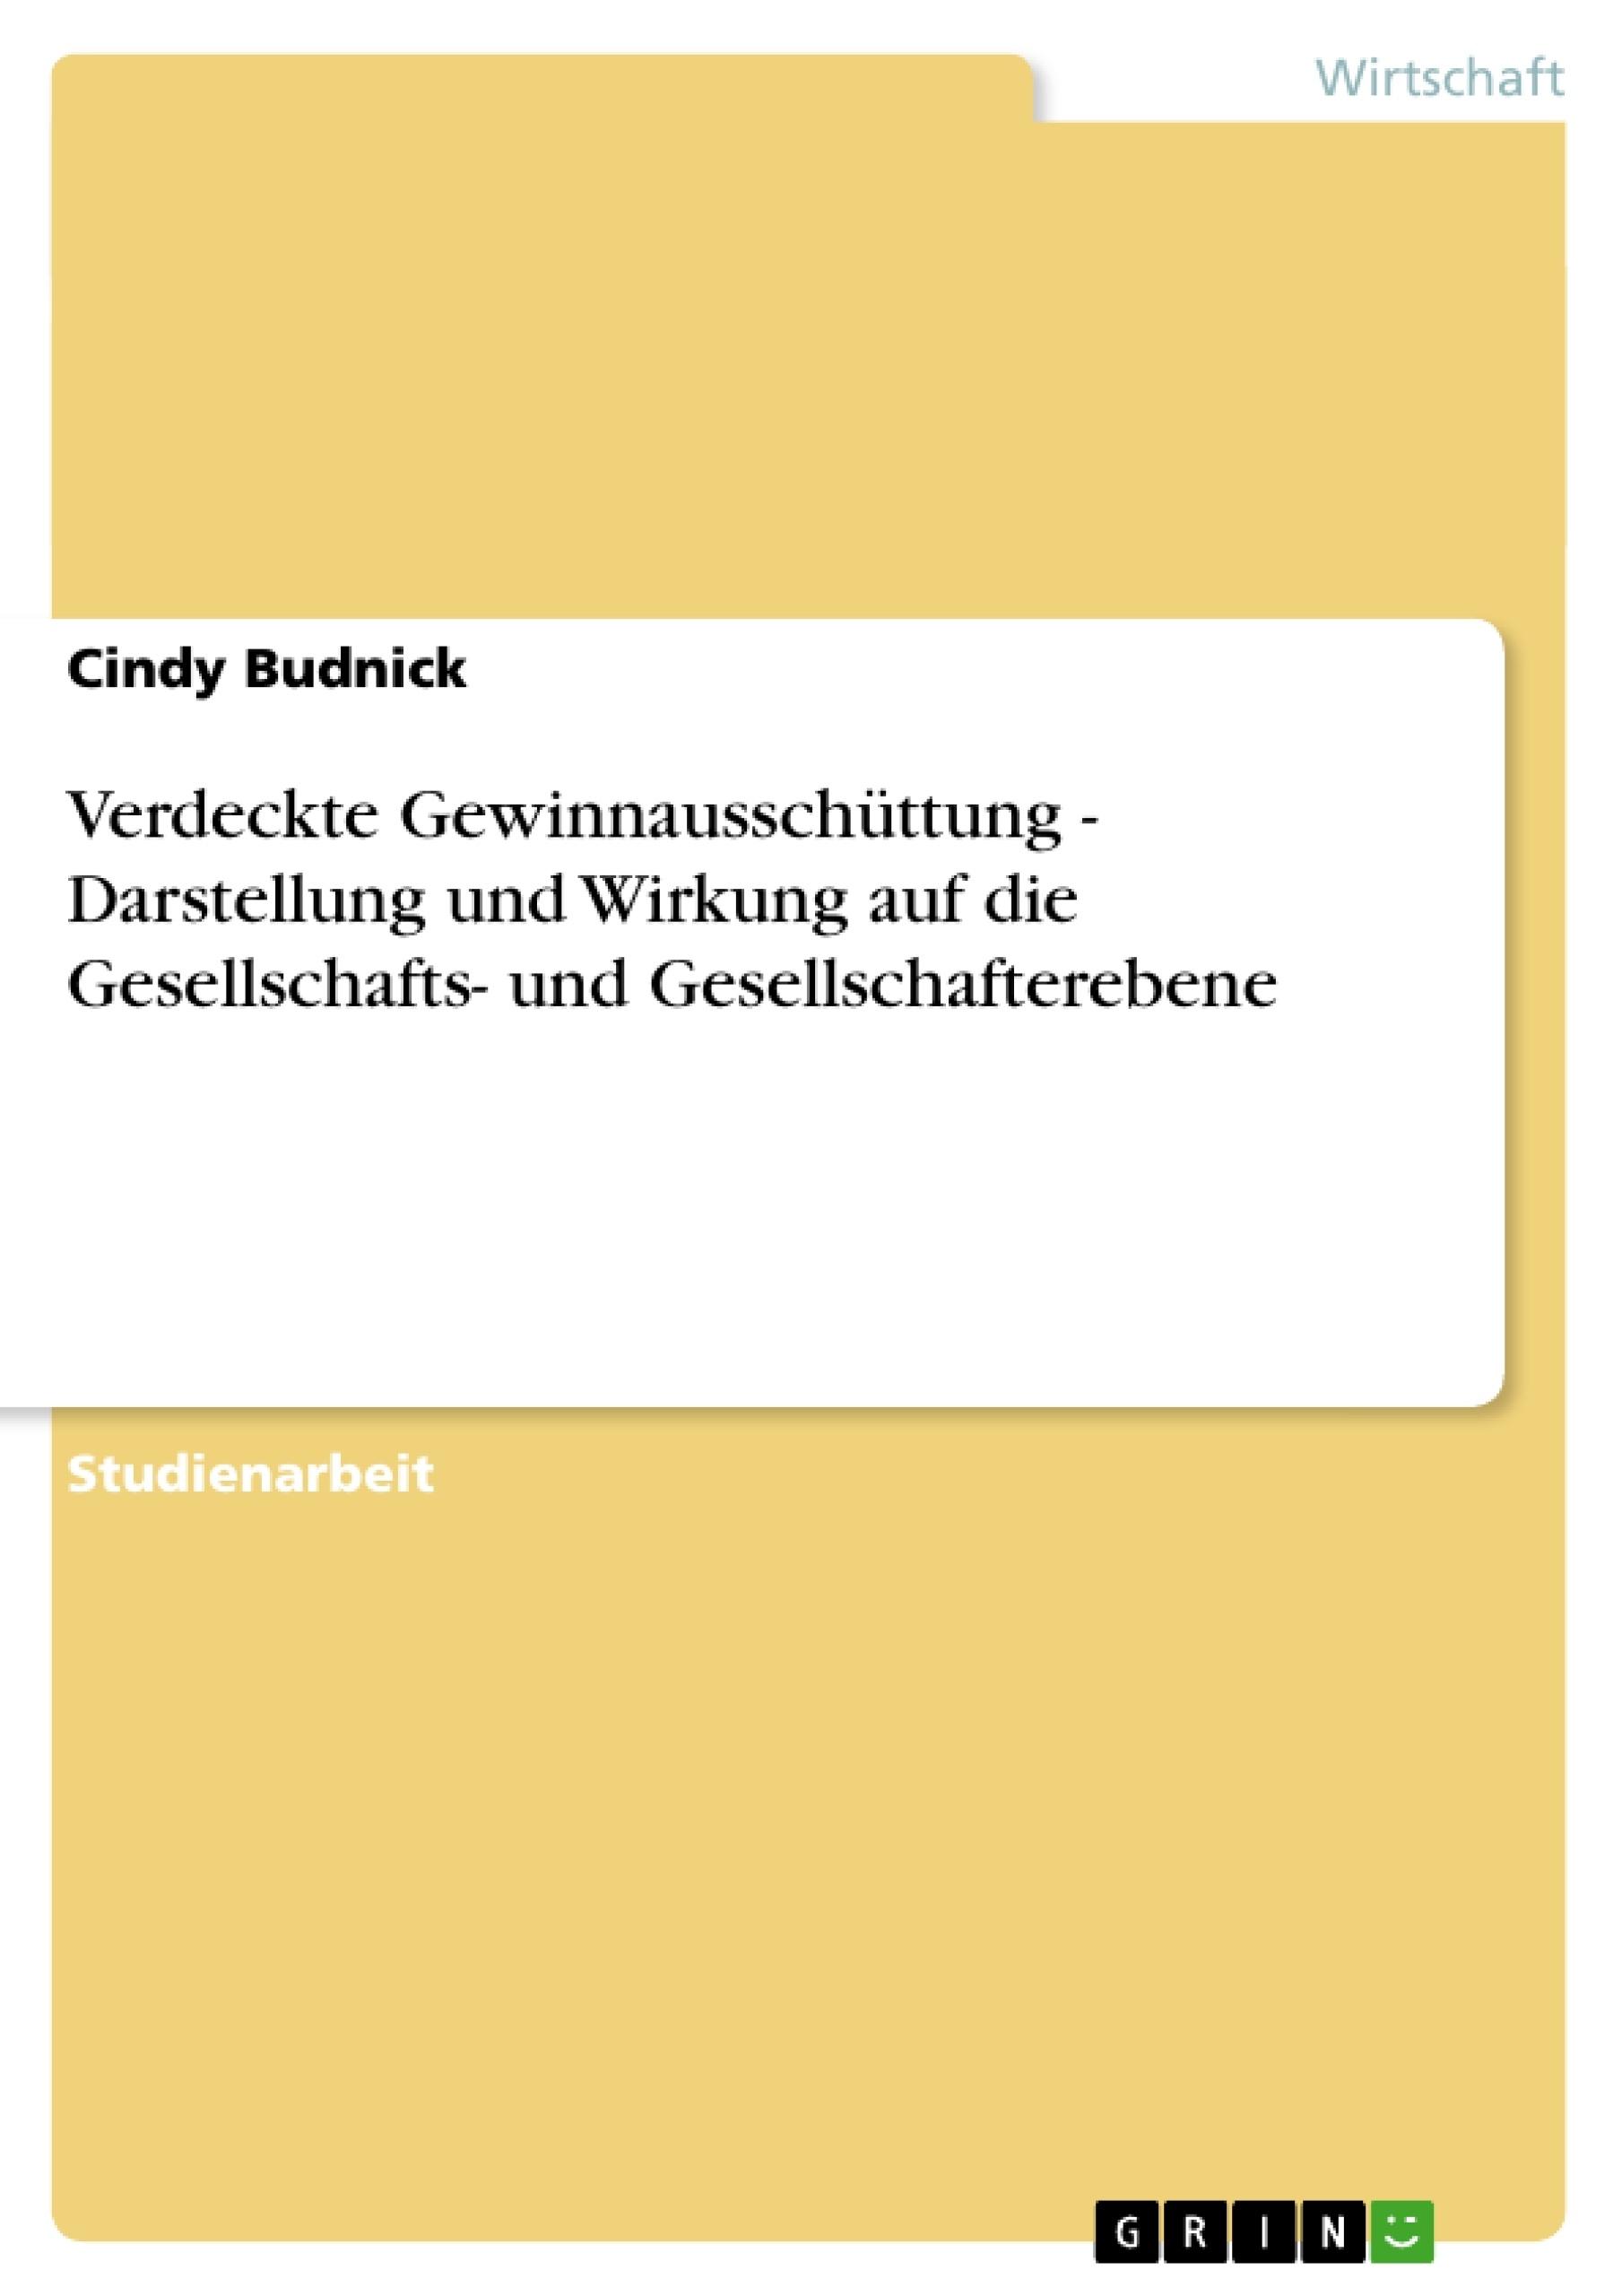 Titel: Verdeckte Gewinnausschüttung - Darstellung und Wirkung auf die Gesellschafts- und Gesellschafterebene